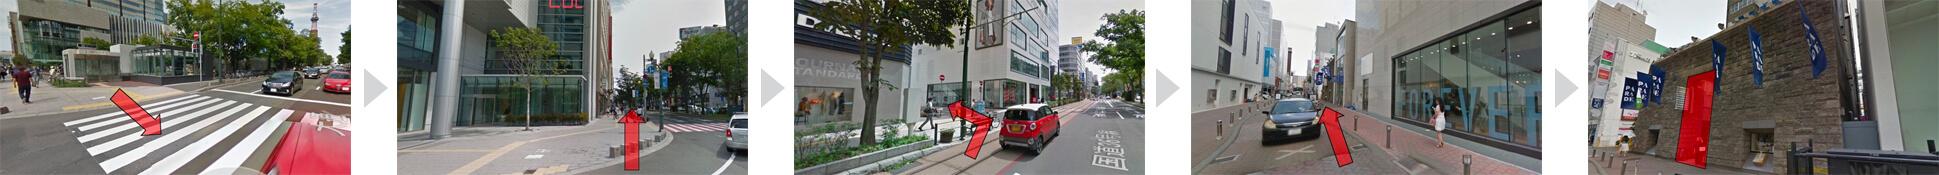 札幌大通駅から徒歩2分。パルコとForever21の間の裏通りにある、石造りの建物(青い旗が目印)のパレードビル2Fにスマップル札幌大通店があります。の画像